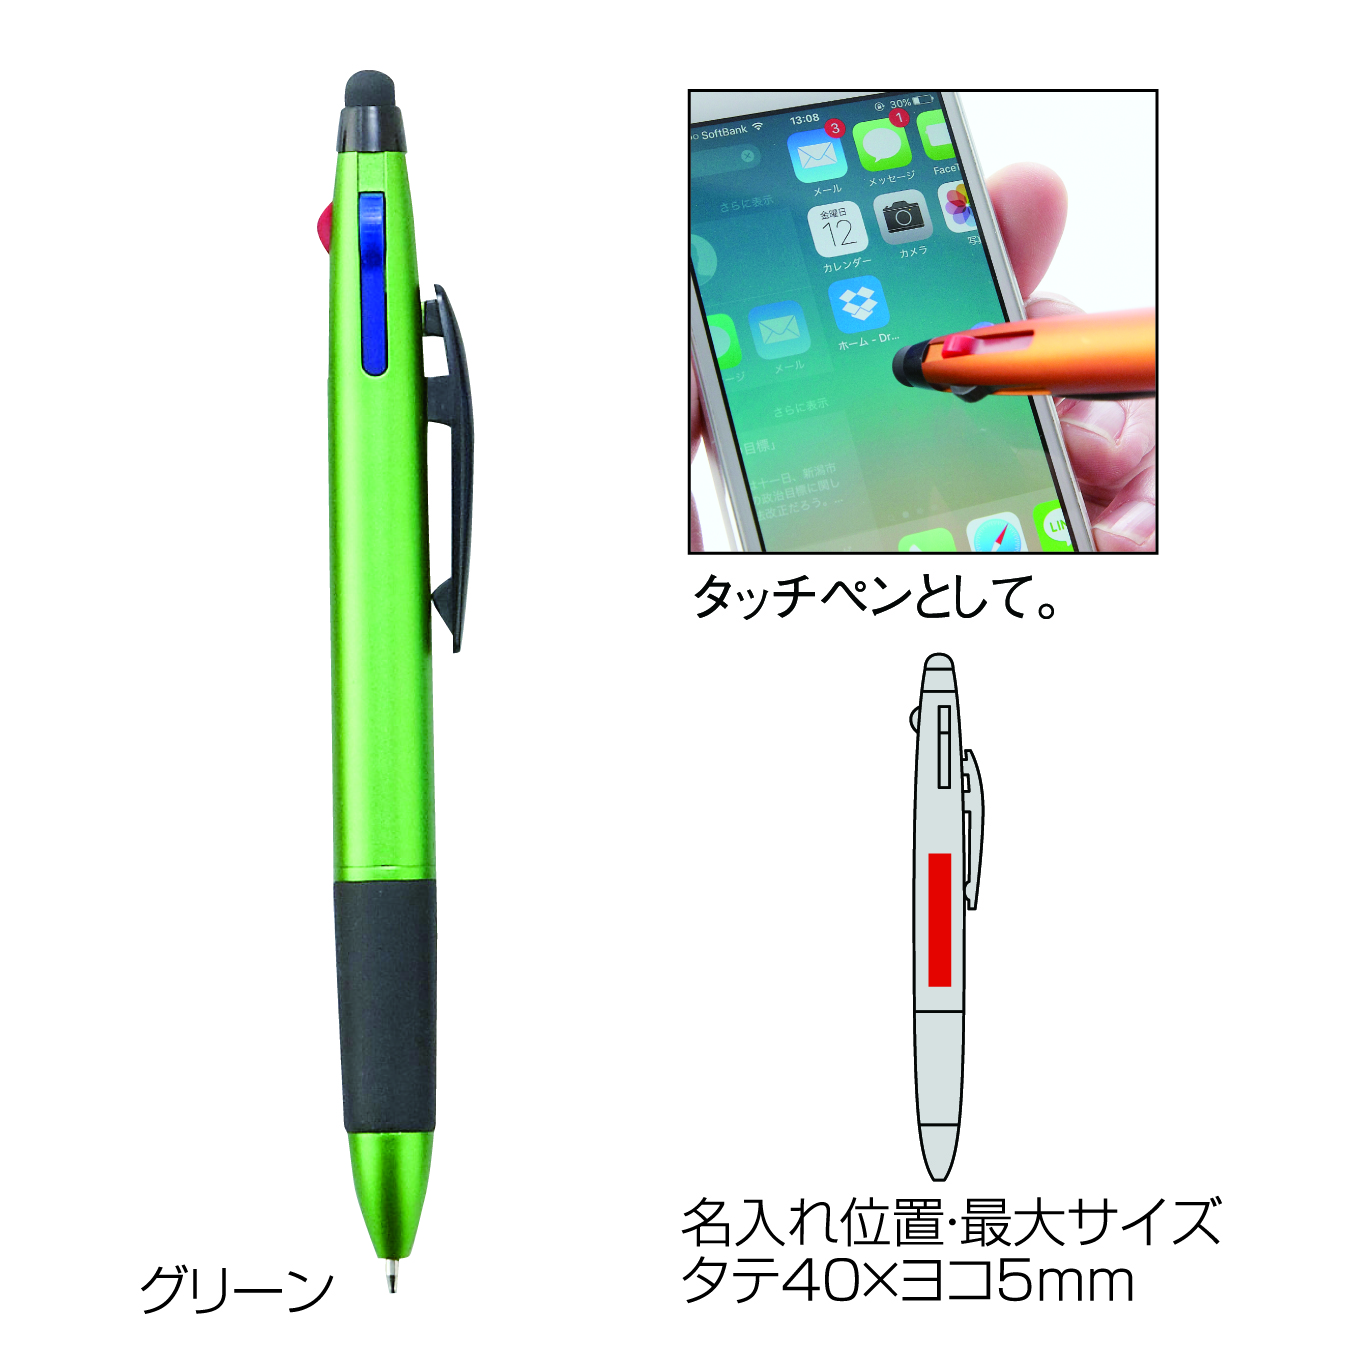 セルトナ・タッチ&3色ボールペン(グリーン)